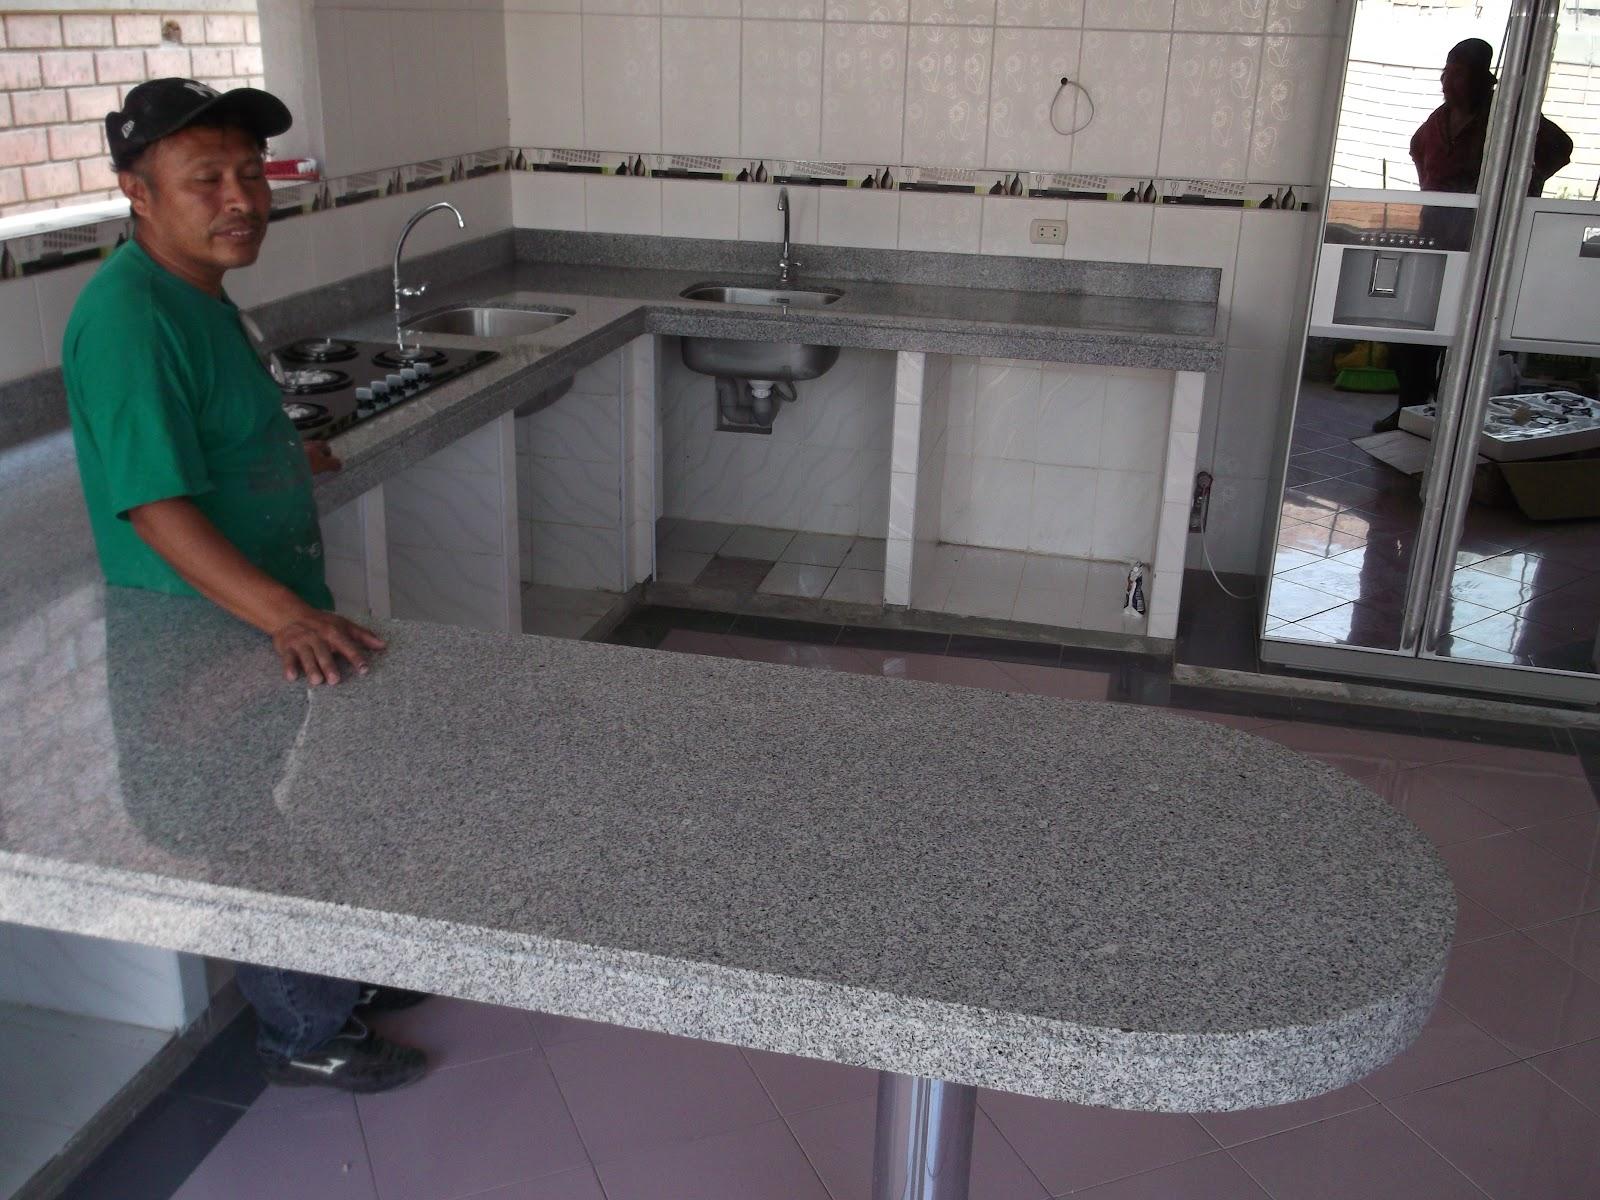 Encimeras mesas tablero cocina granito marmol piedra natural for Marmoles y granitos para cocinas